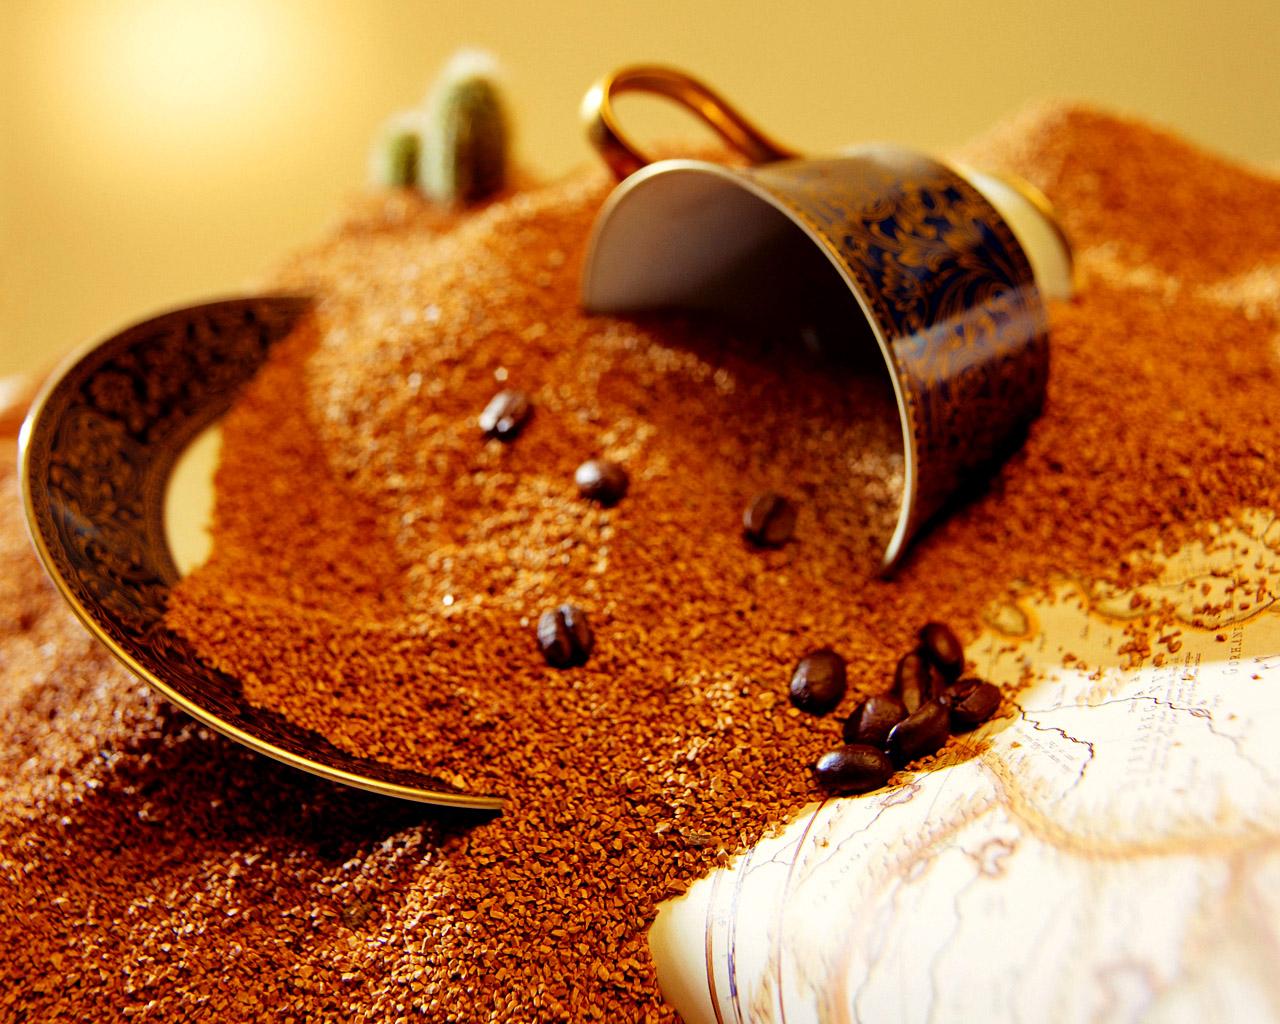 молотый кофе, скачать фото, обои для рабочего стола